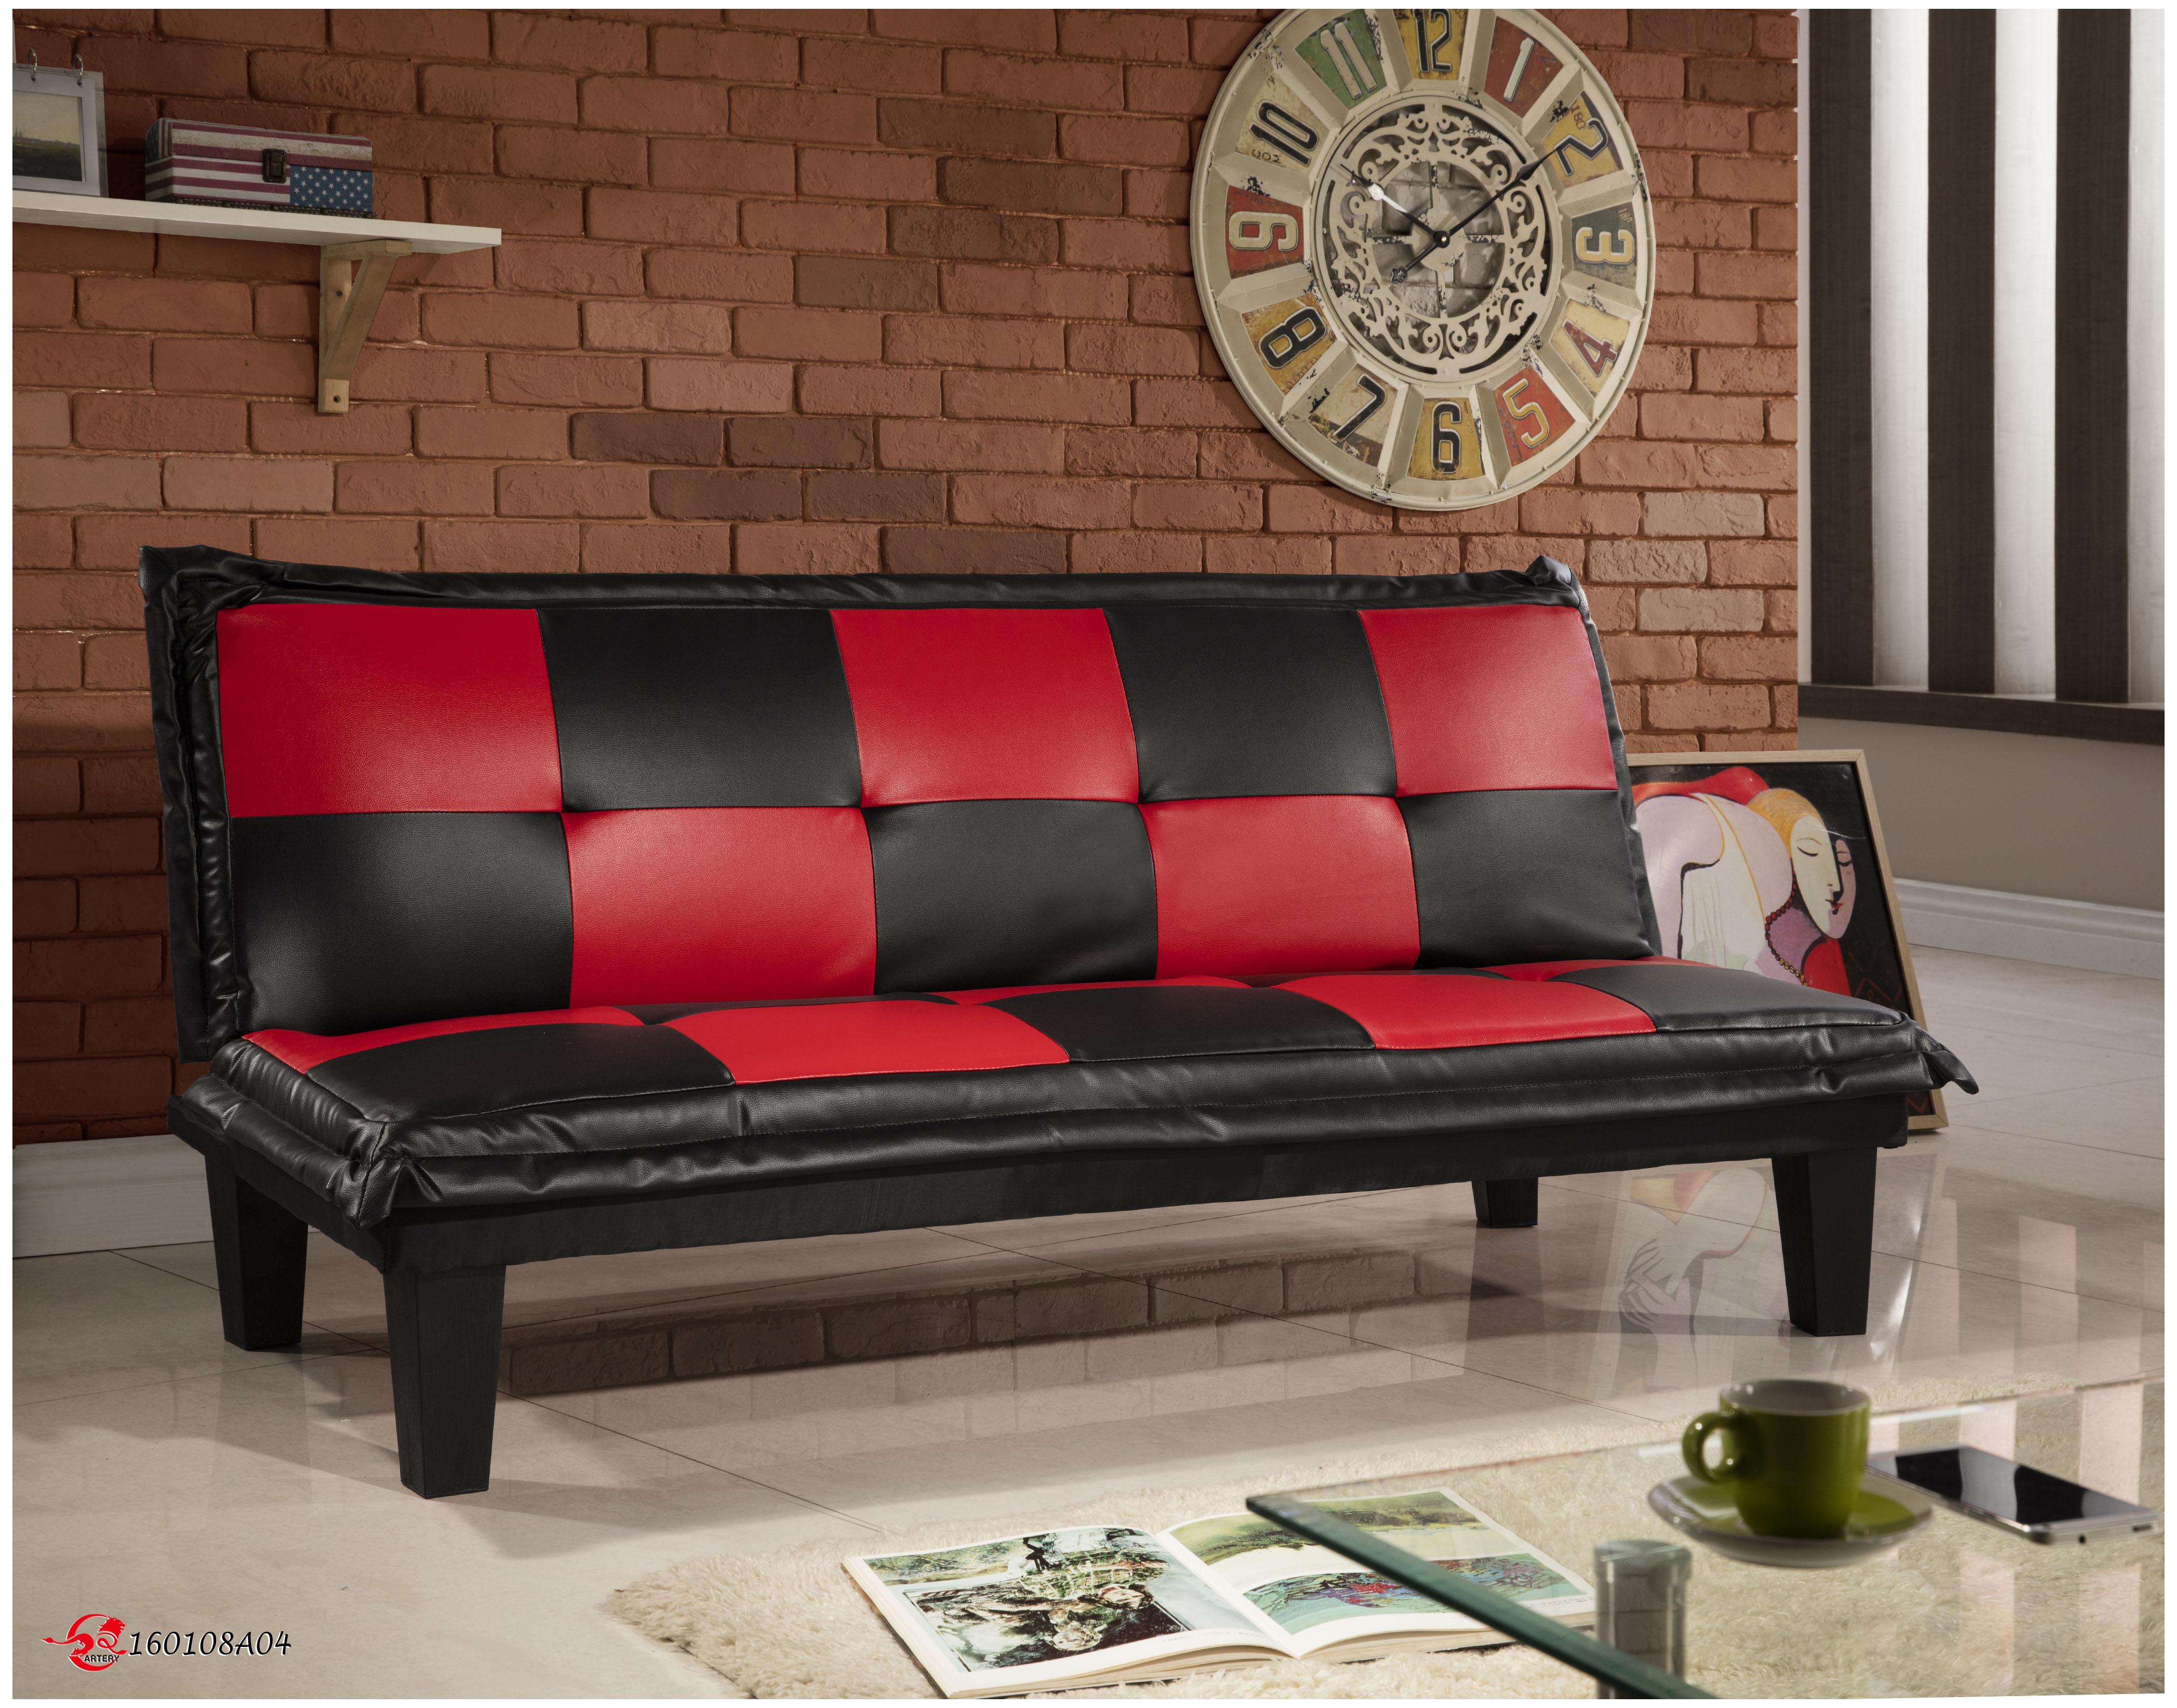 !新生活家具! 皮沙發床 黑色 紅色 三人位沙發床 套房出租 美式 復古《五子棋》 非 H&D ikea 宜家